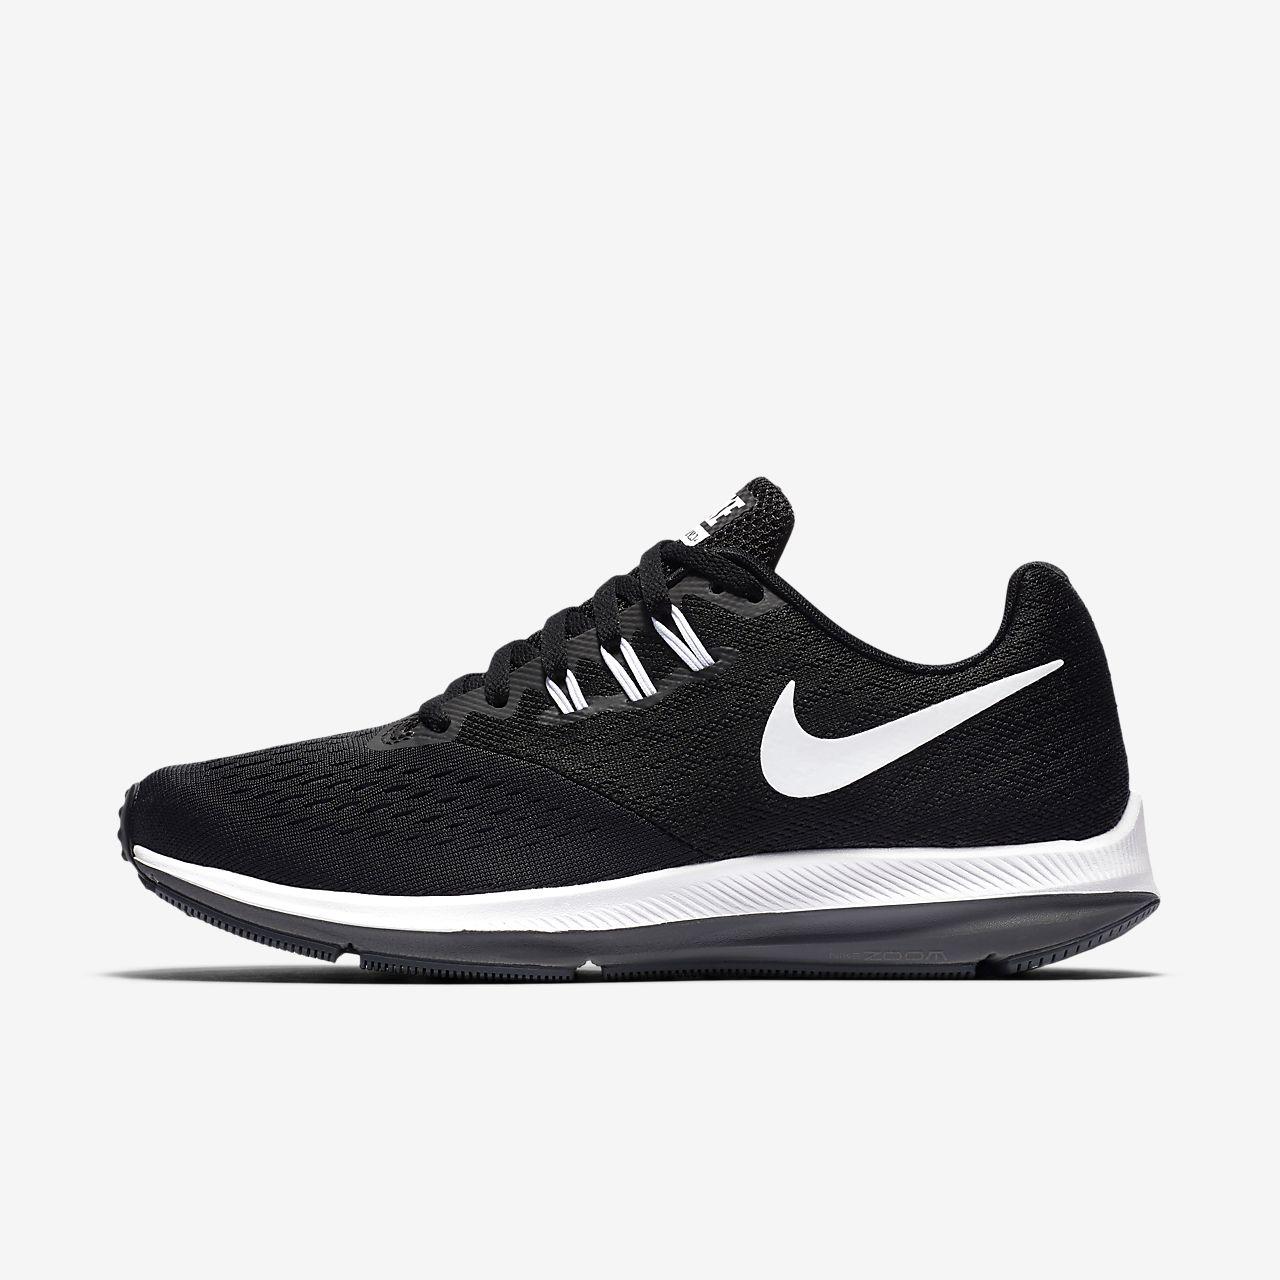 big sale cf9cc 73a77 Nike Zoom Winflo 4 Women's Running Shoe